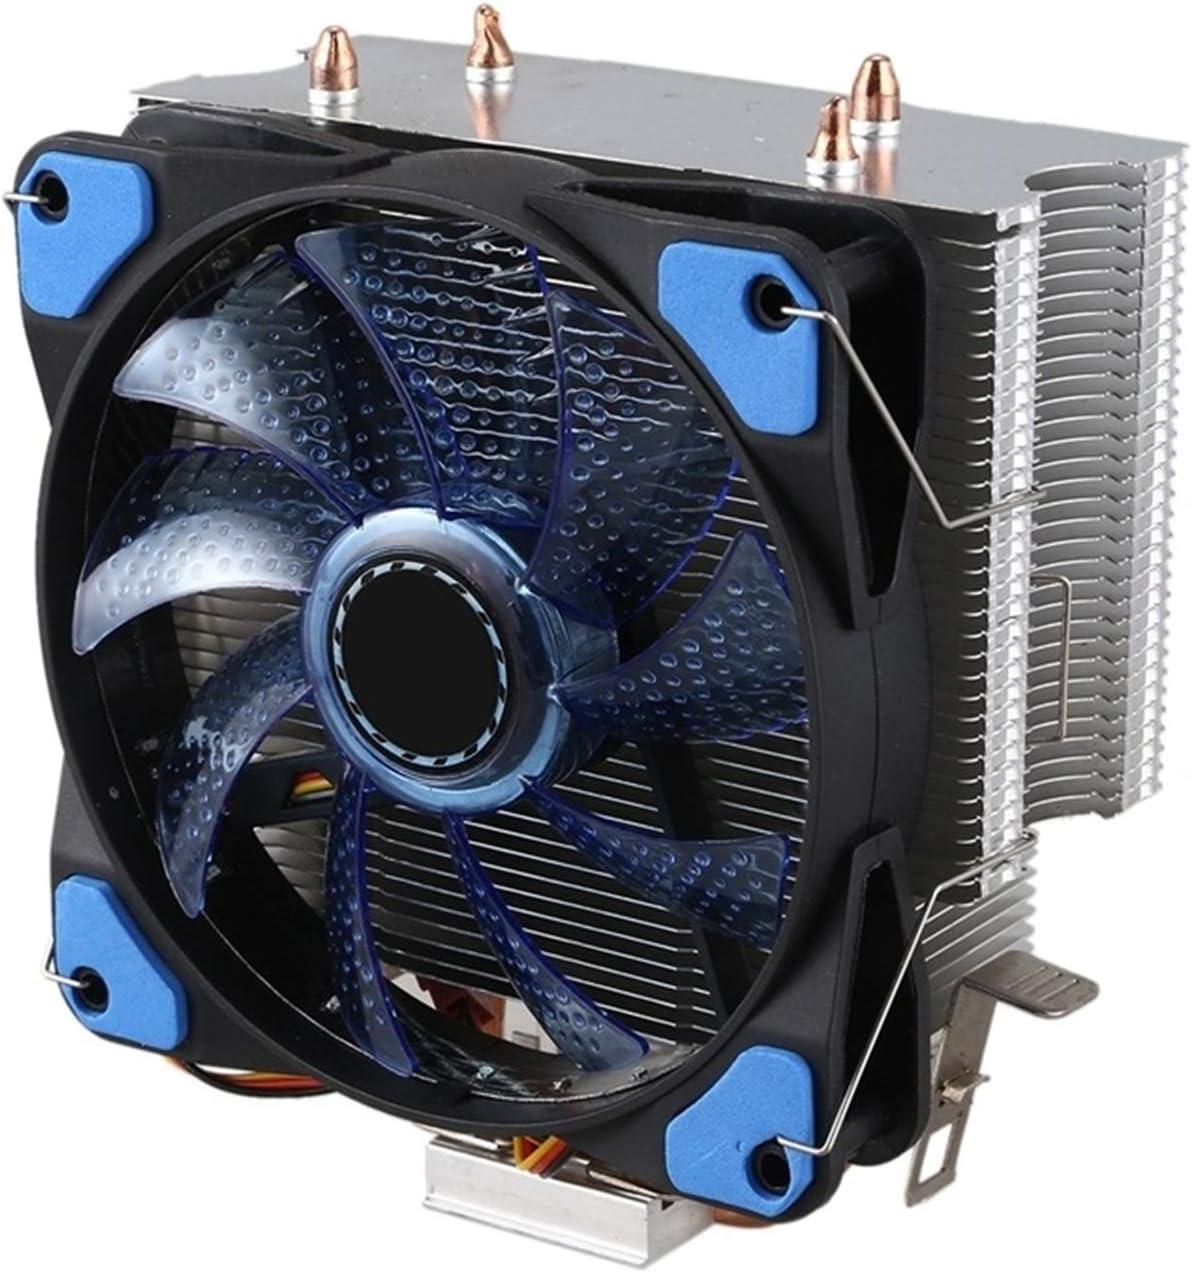 Tranquilo CPU Cooler 2 Sistema De Enfriamiento De La Torre De Calor De La Tubería De Calor De Cobre Puro 12CMCPU Ventilador De Enfriamiento Radiador De La CPU para AMD Fácil de Transportar e Instalar